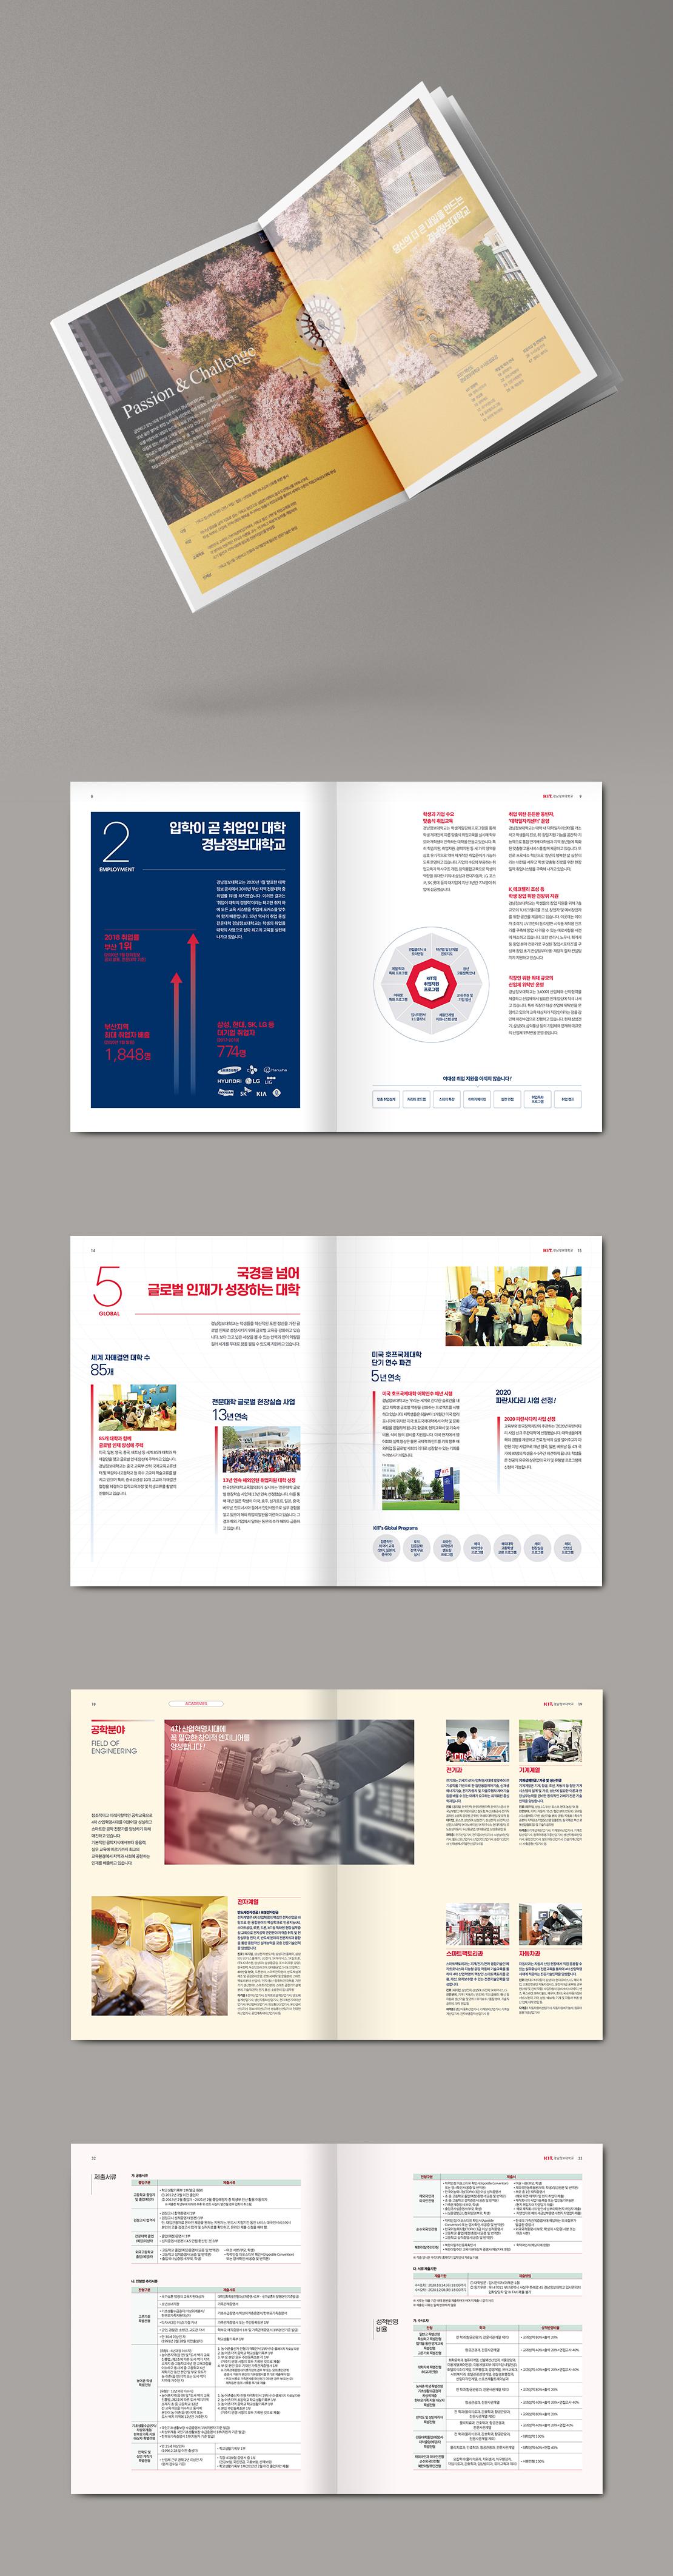 2021경남수시요강-웹.jpg